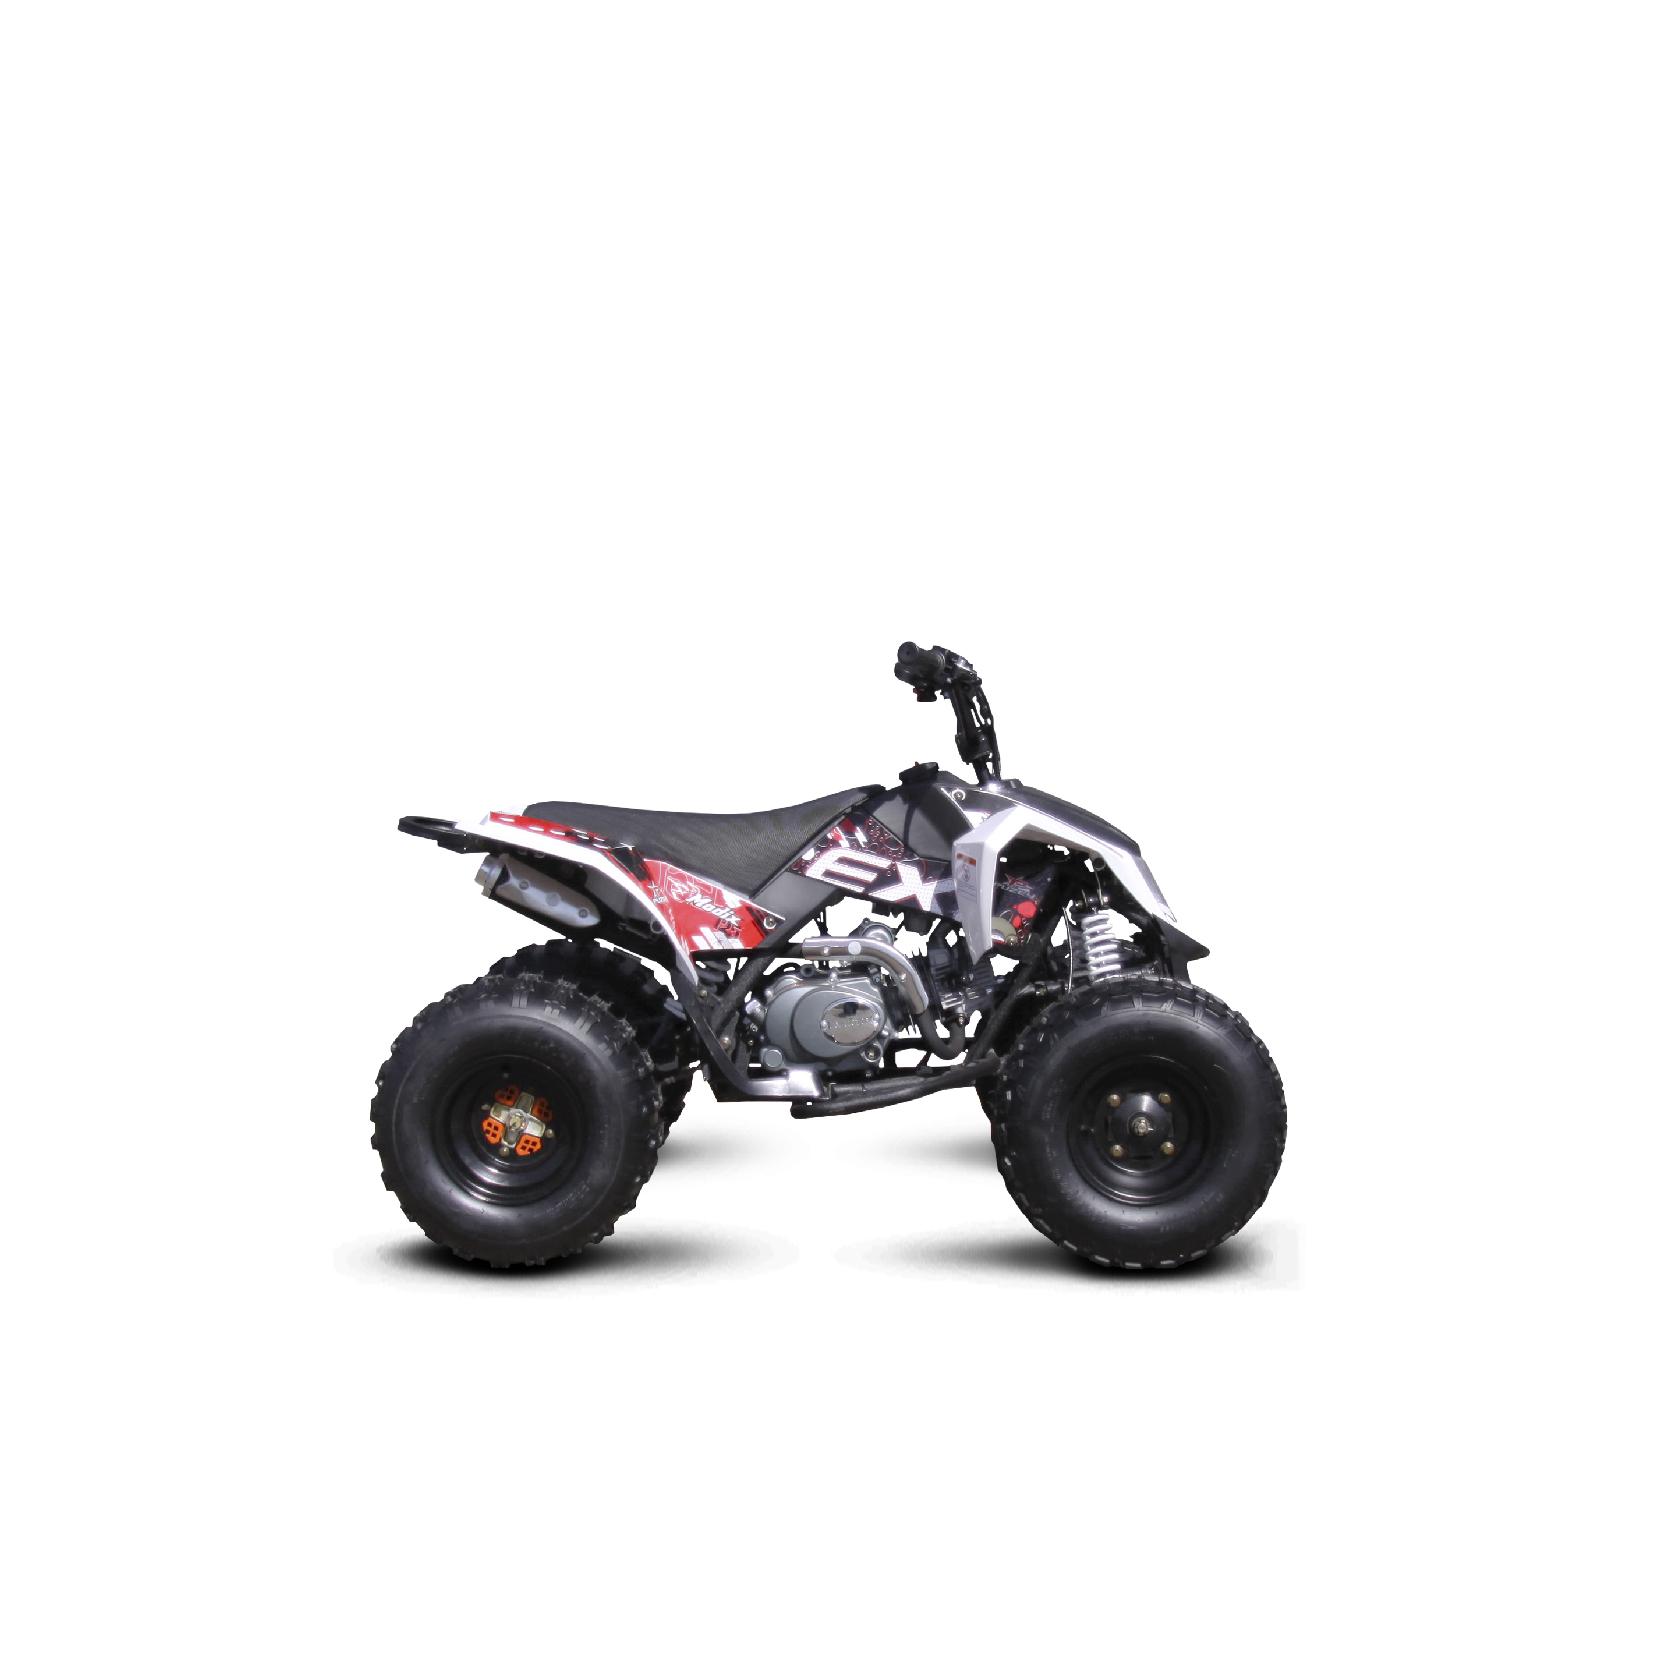 Madix 125cc ATV Image